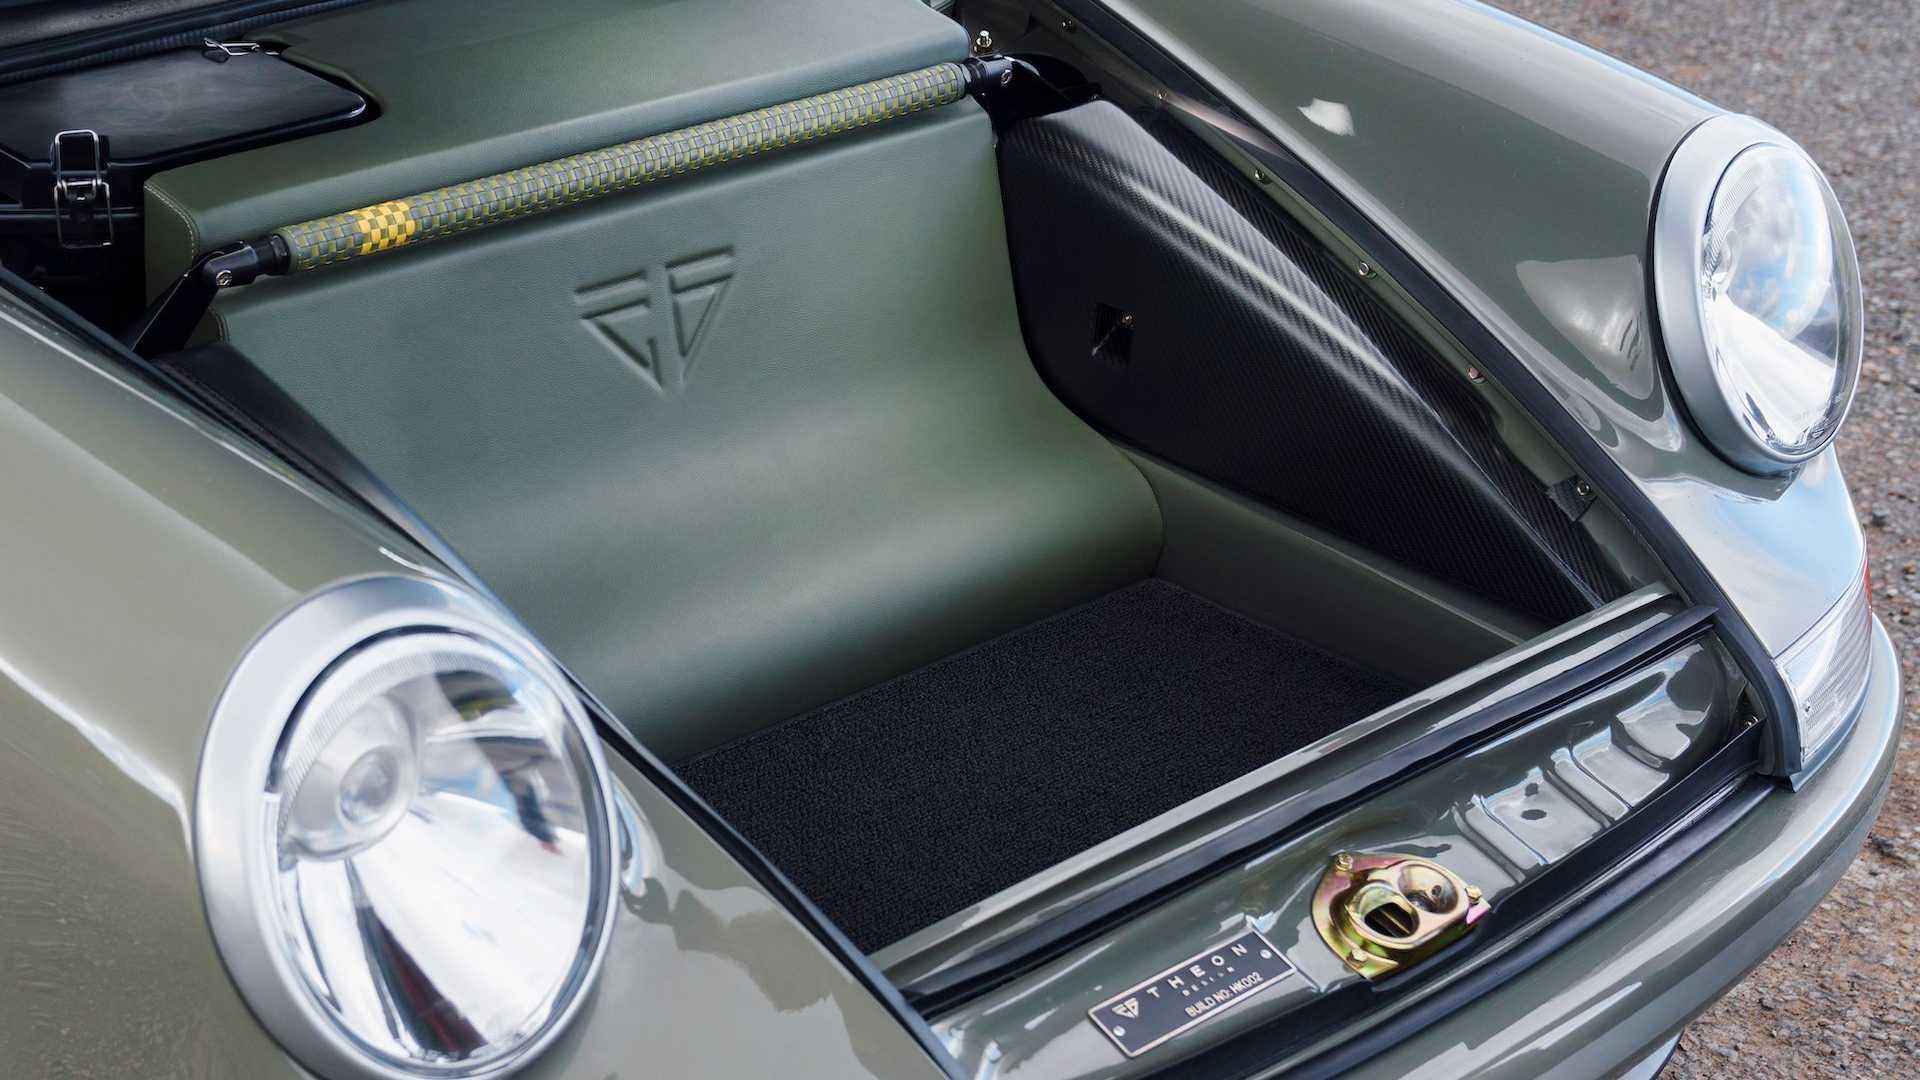 Theon-Design-HK002-Porsche-911-5